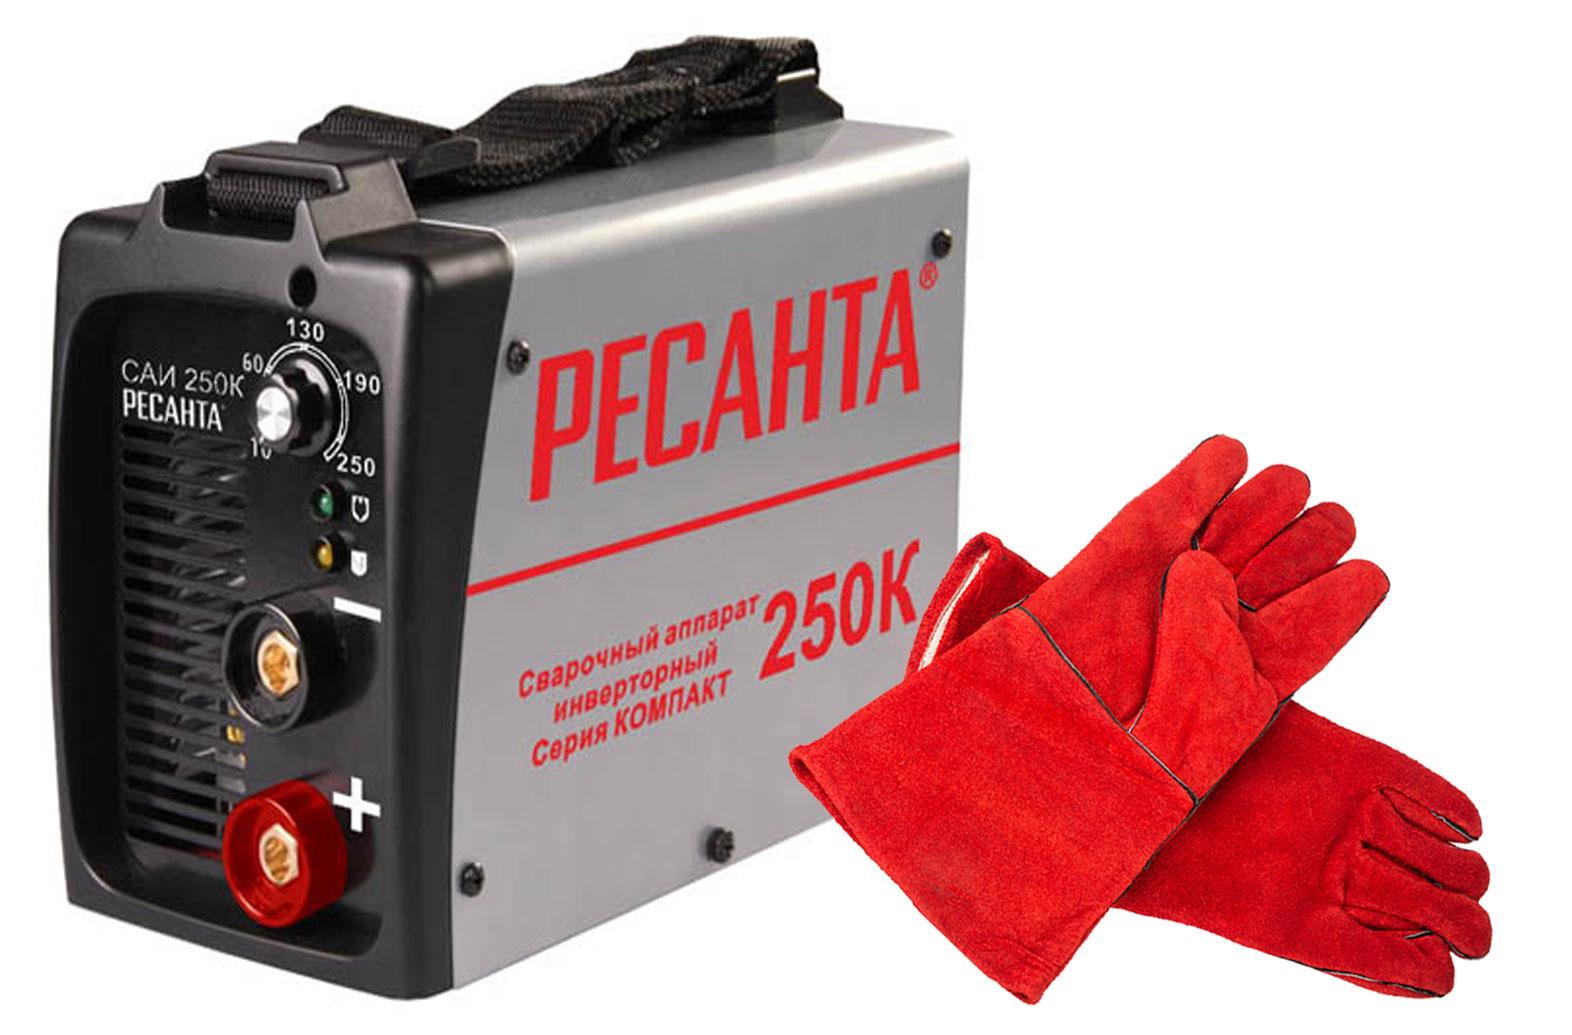 Сварочный инвертор САИ-250К Ресанта + краги